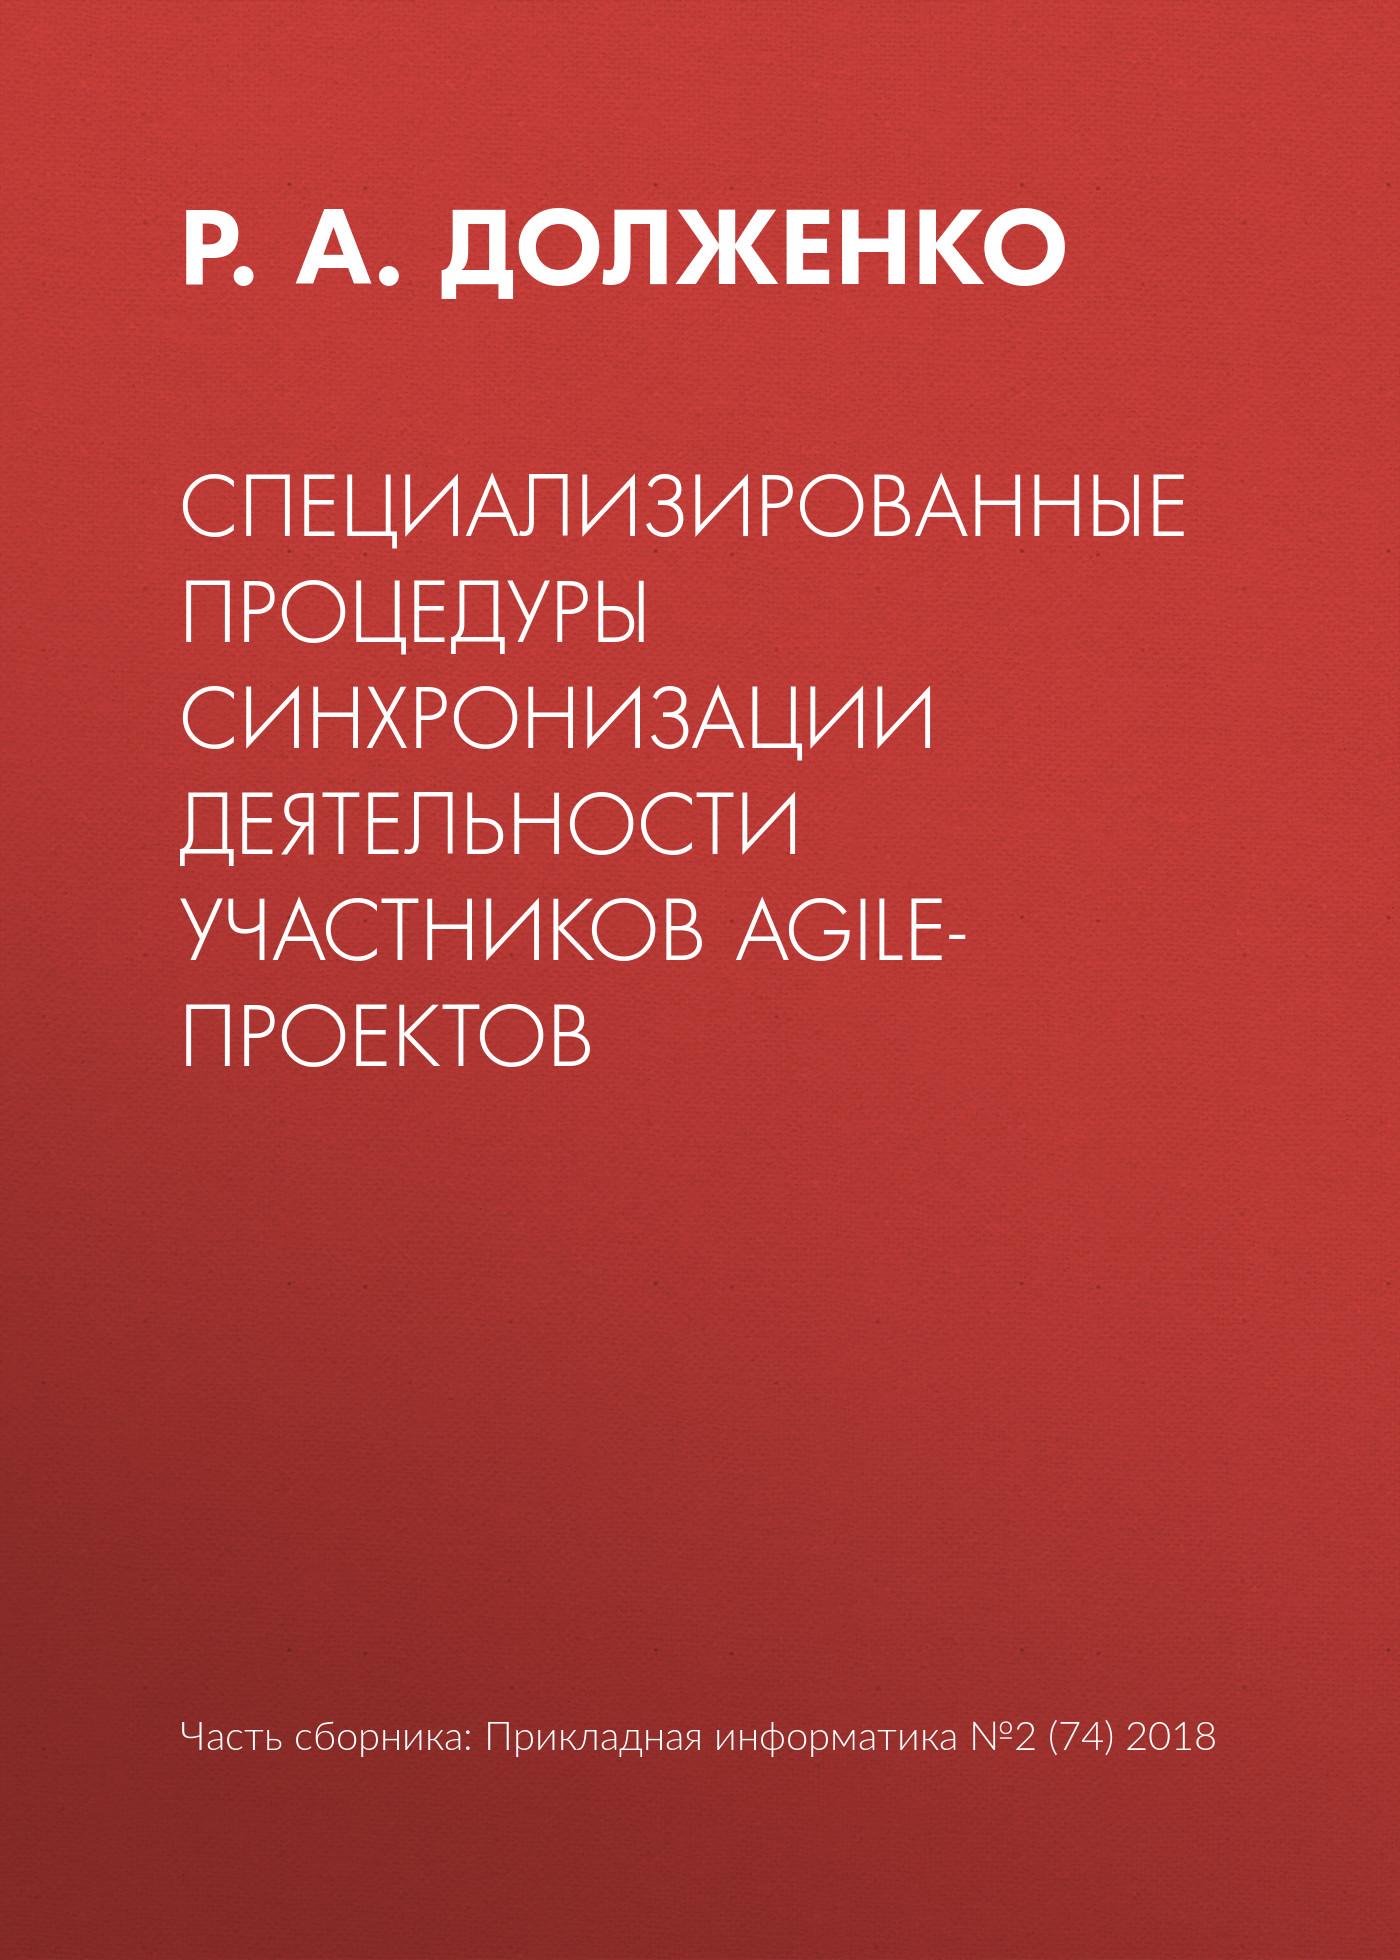 Р. А. Долженко Специализированные процедуры синхронизации деятельности участников agile-проектов